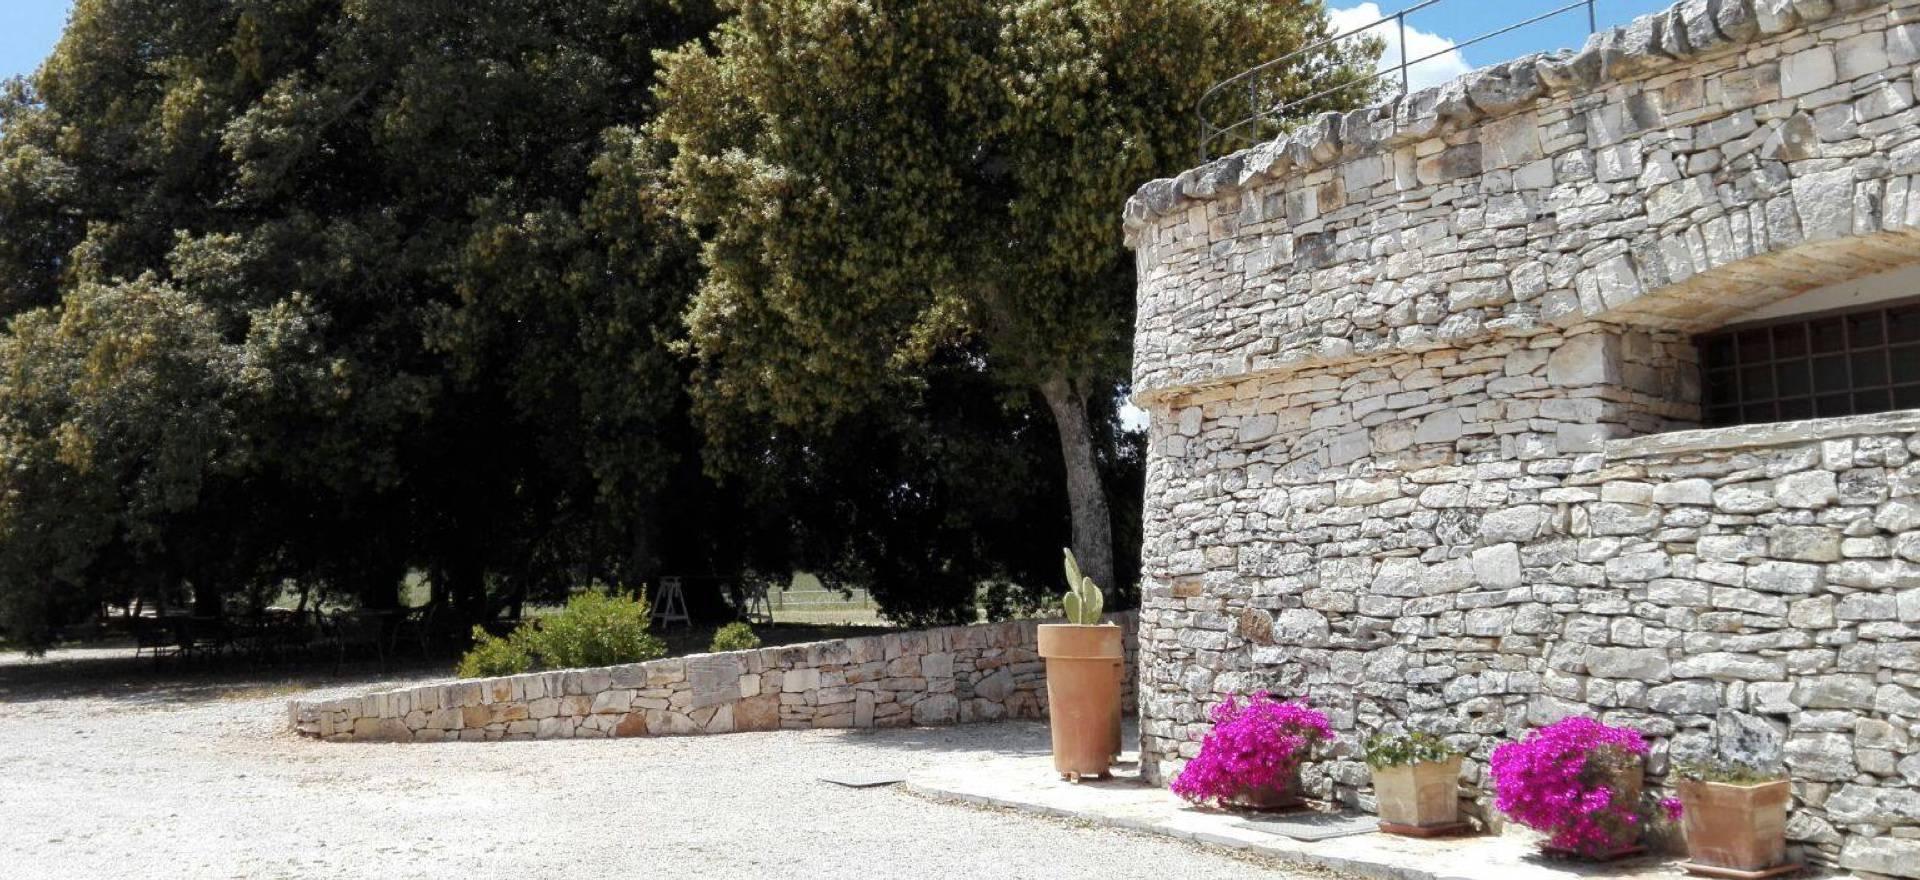 Agriturismo Puglia Lekker onthaasten in deze agriturismo in Puglia